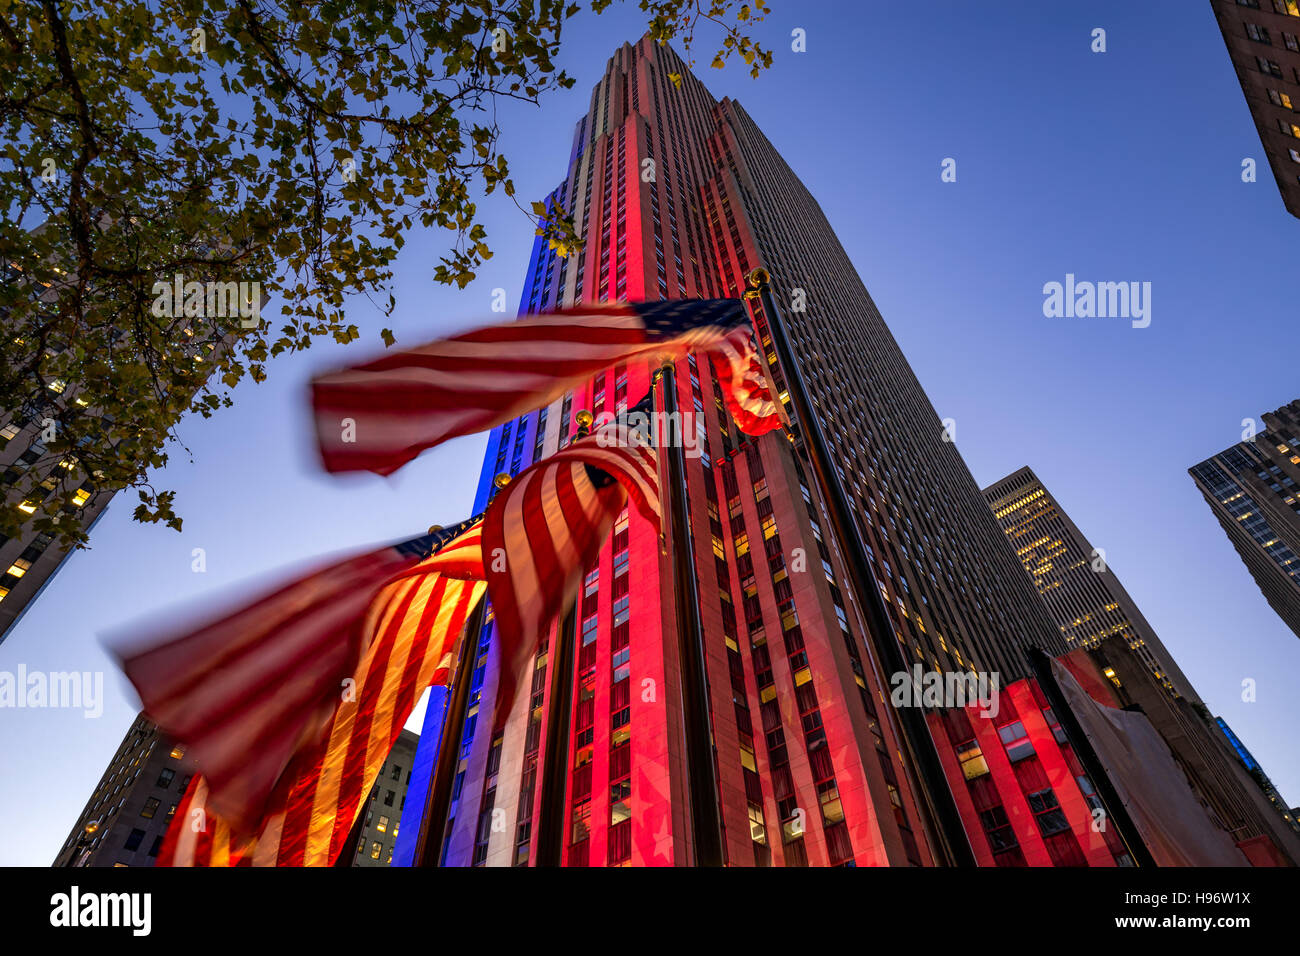 Il Rockefeller Center al crepuscolo illuminato in bianco, rosso e blu. Bandierine americane sportellino nel vento. Immagini Stock